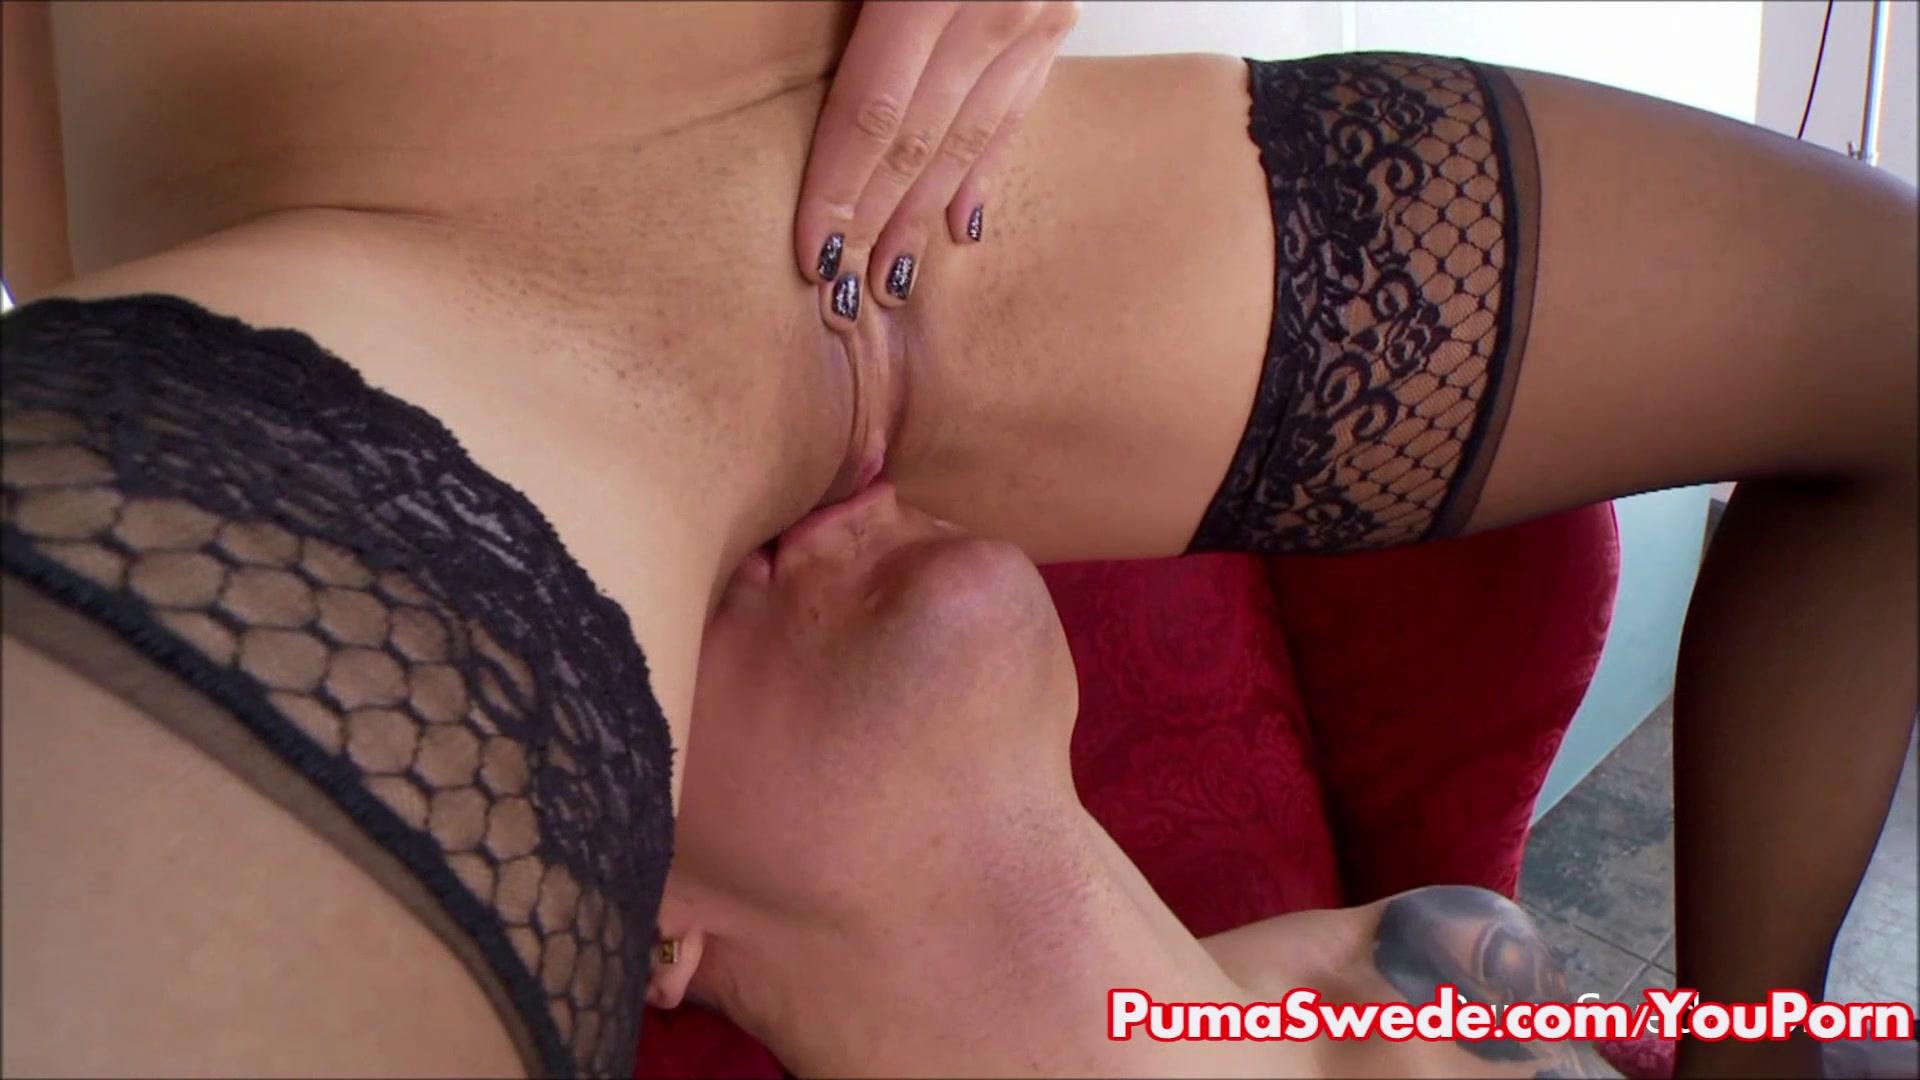 Big Tit Euro Blonde Puma Swede